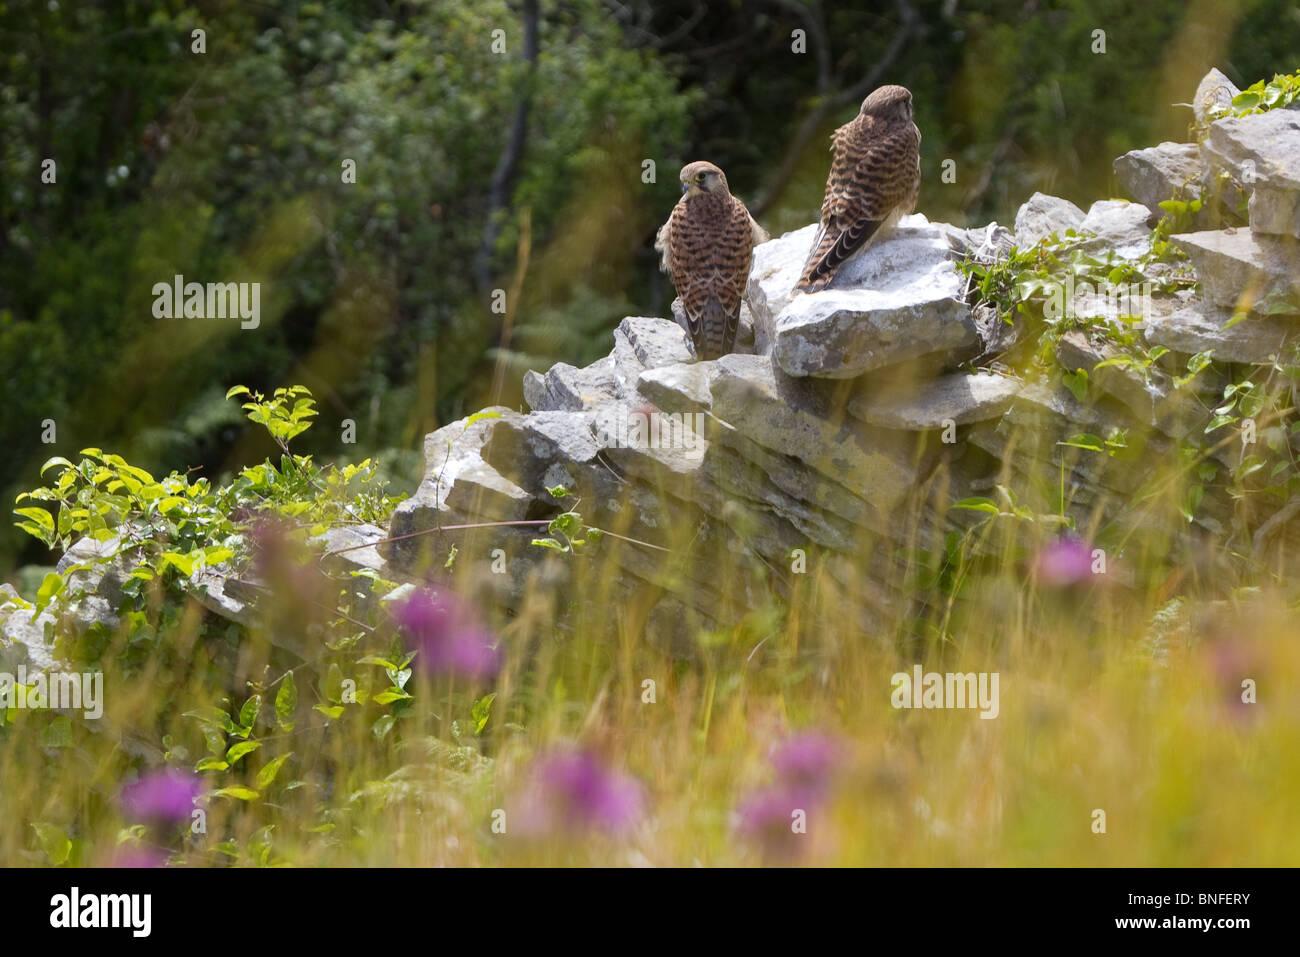 Pair of kestrels on wall in summer meadow. - Stock Image